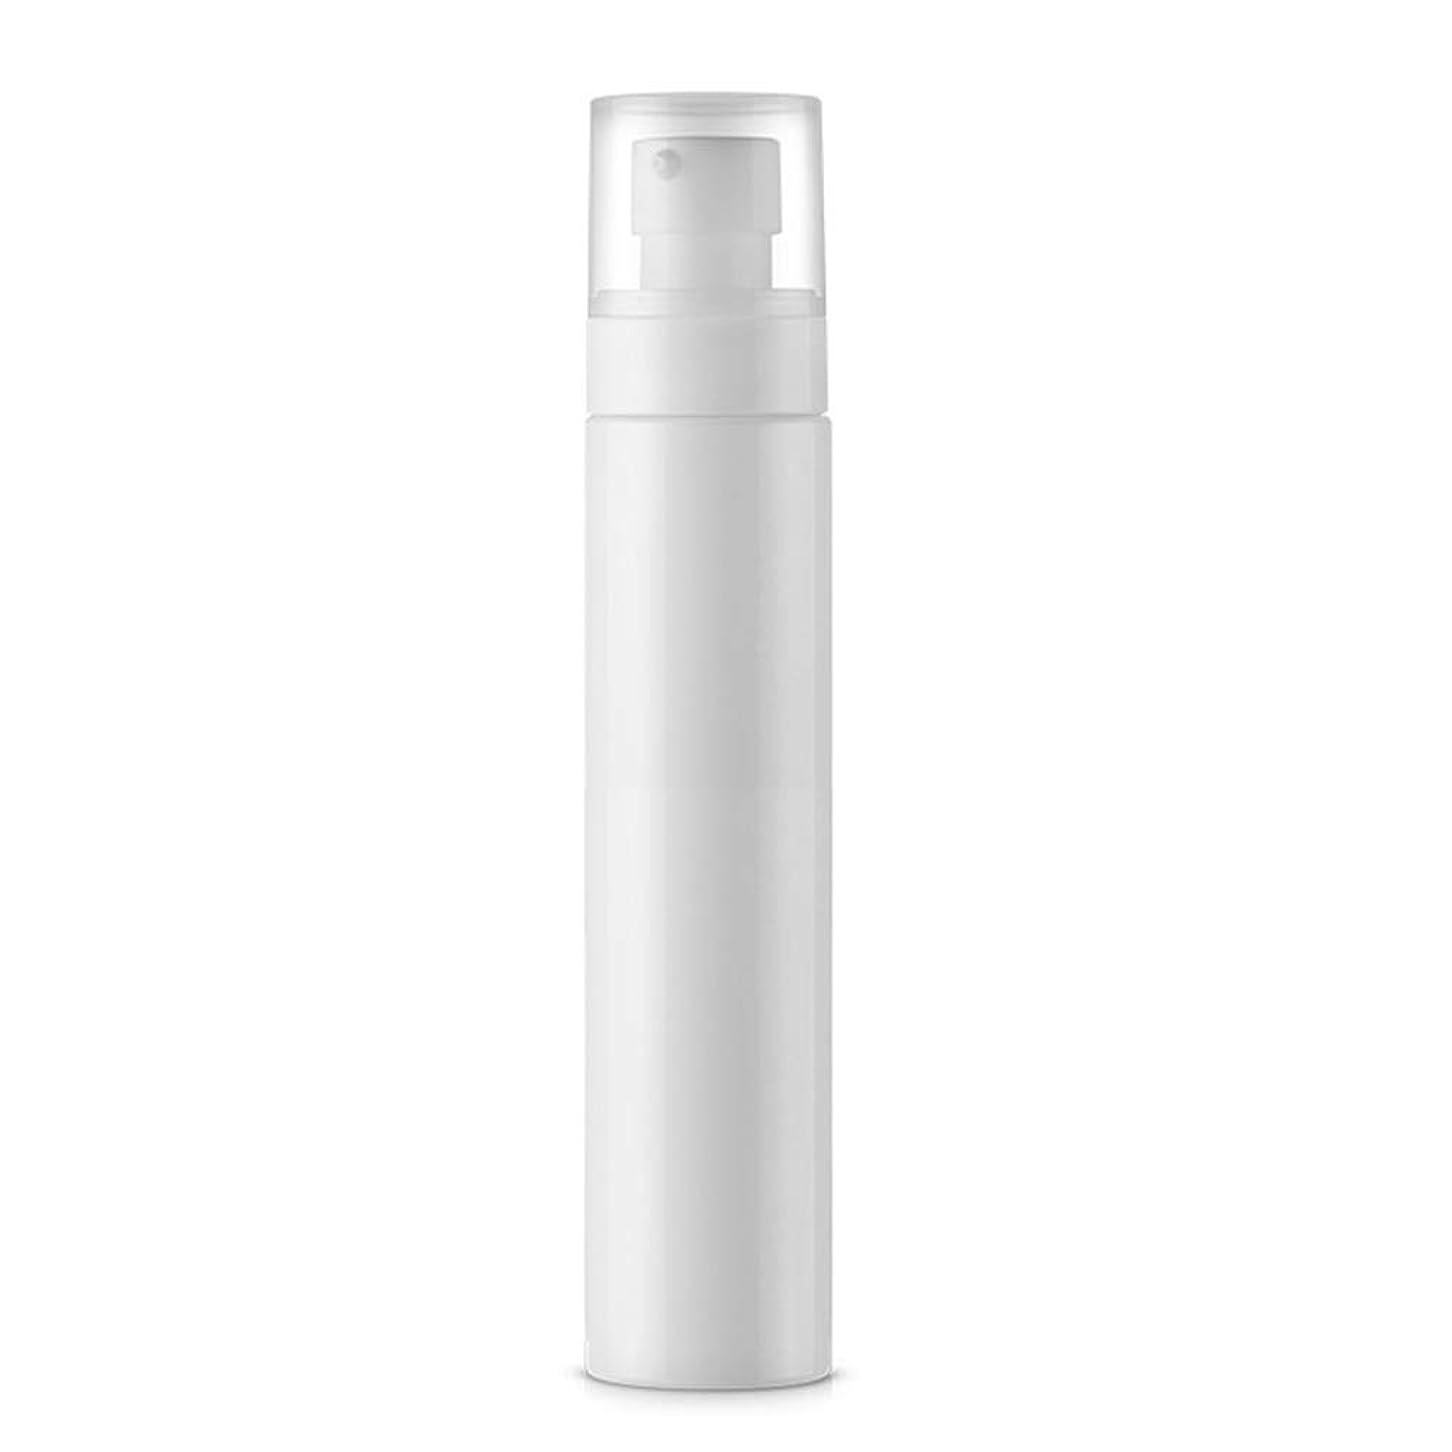 解釈する梨承認Vi.yo ポンプボトル 小分けボトル 化粧水 詰替用ボトル 携帯用 旅行 出張 150ml